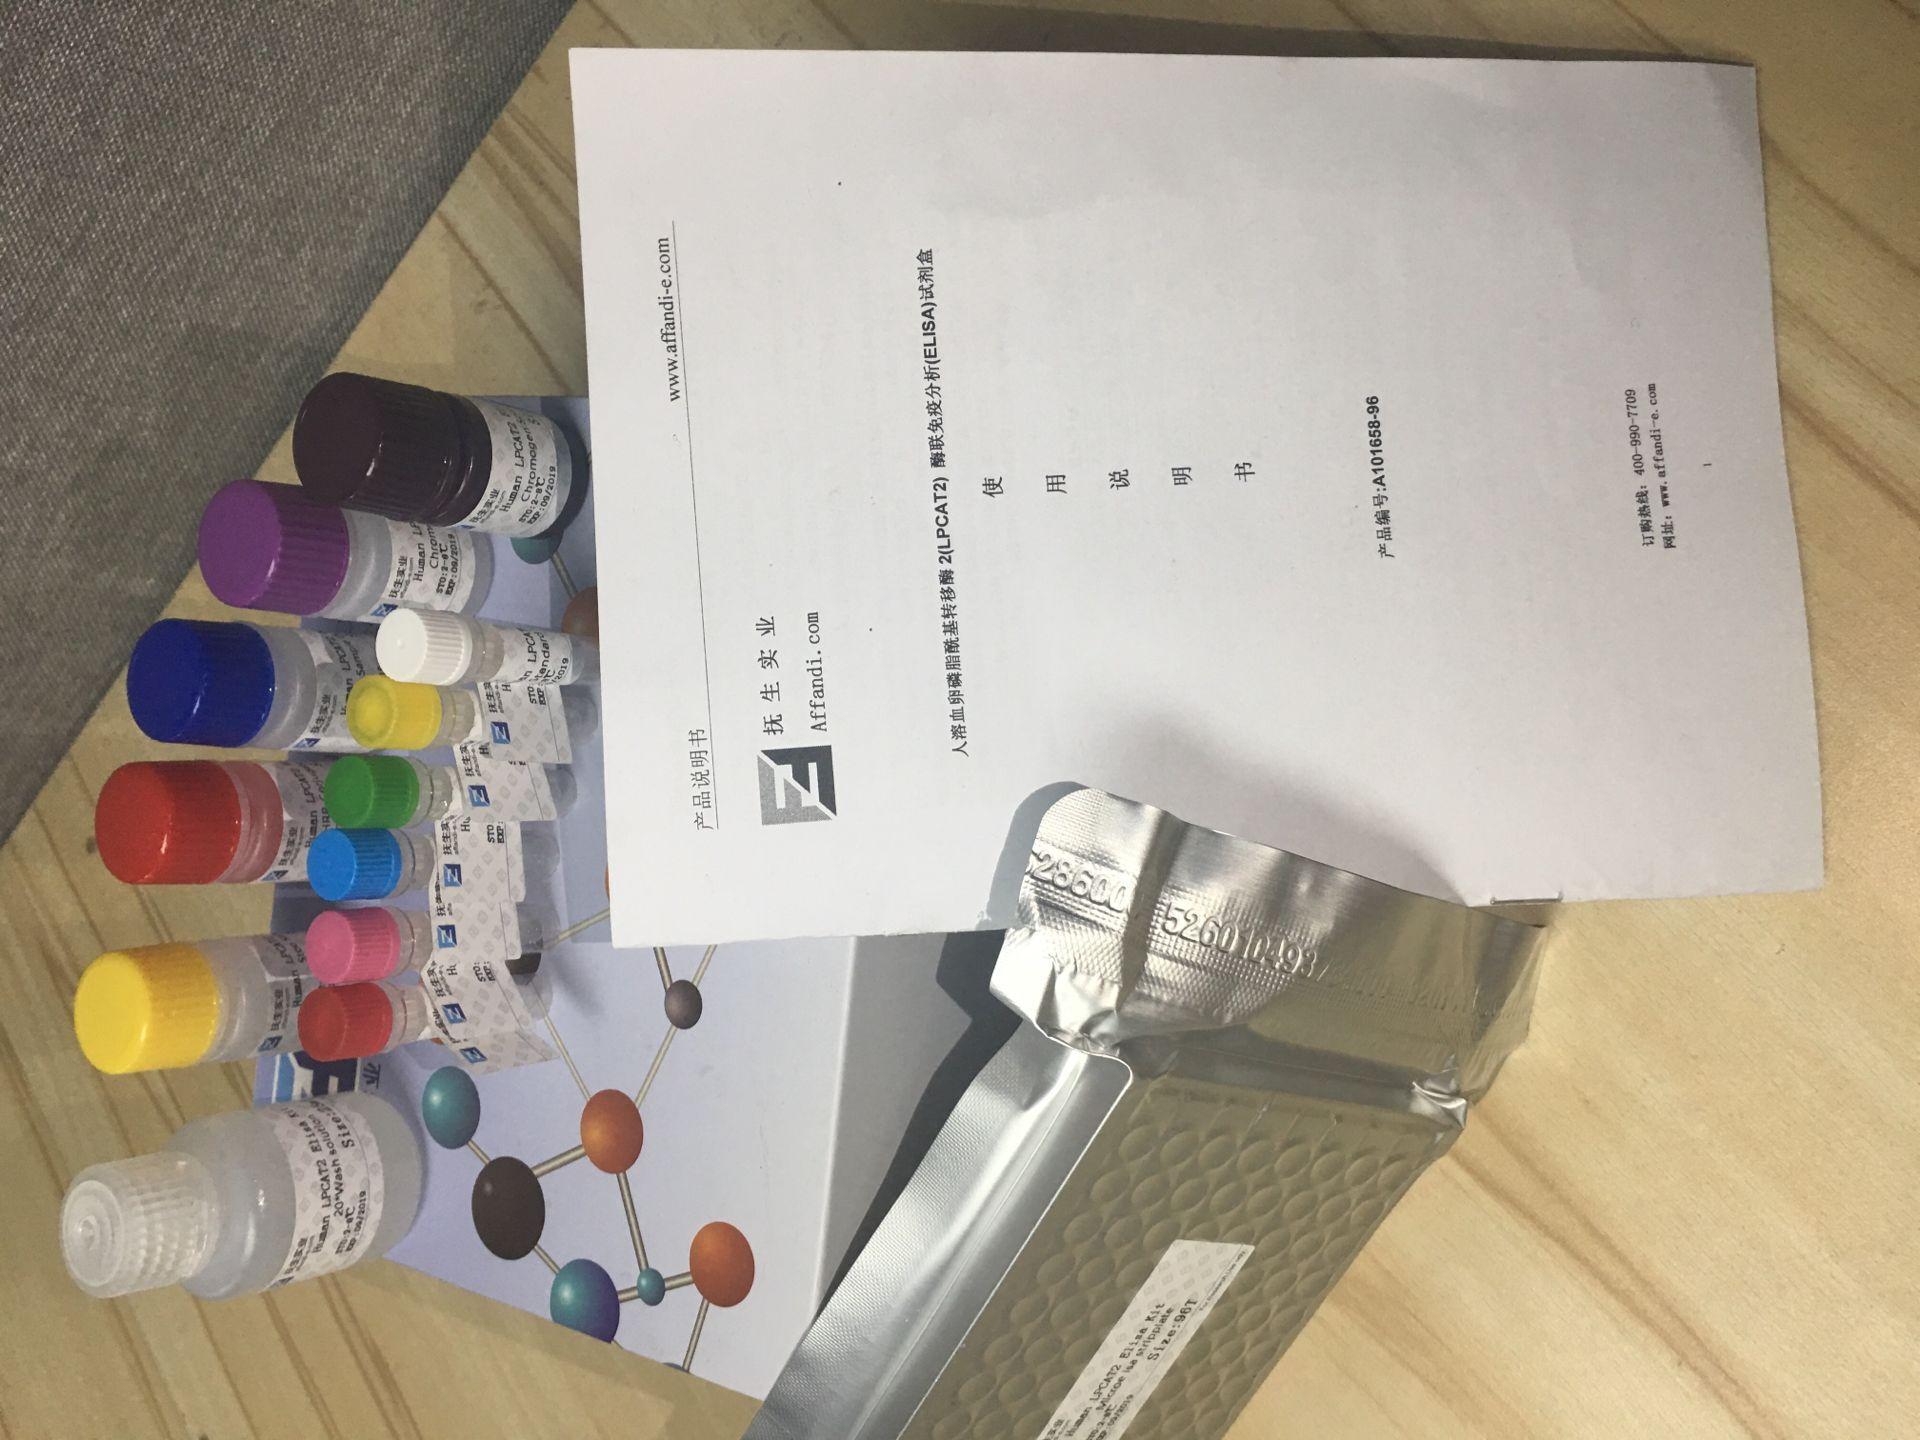 小鹅瘟病毒抗体检测试剂盒